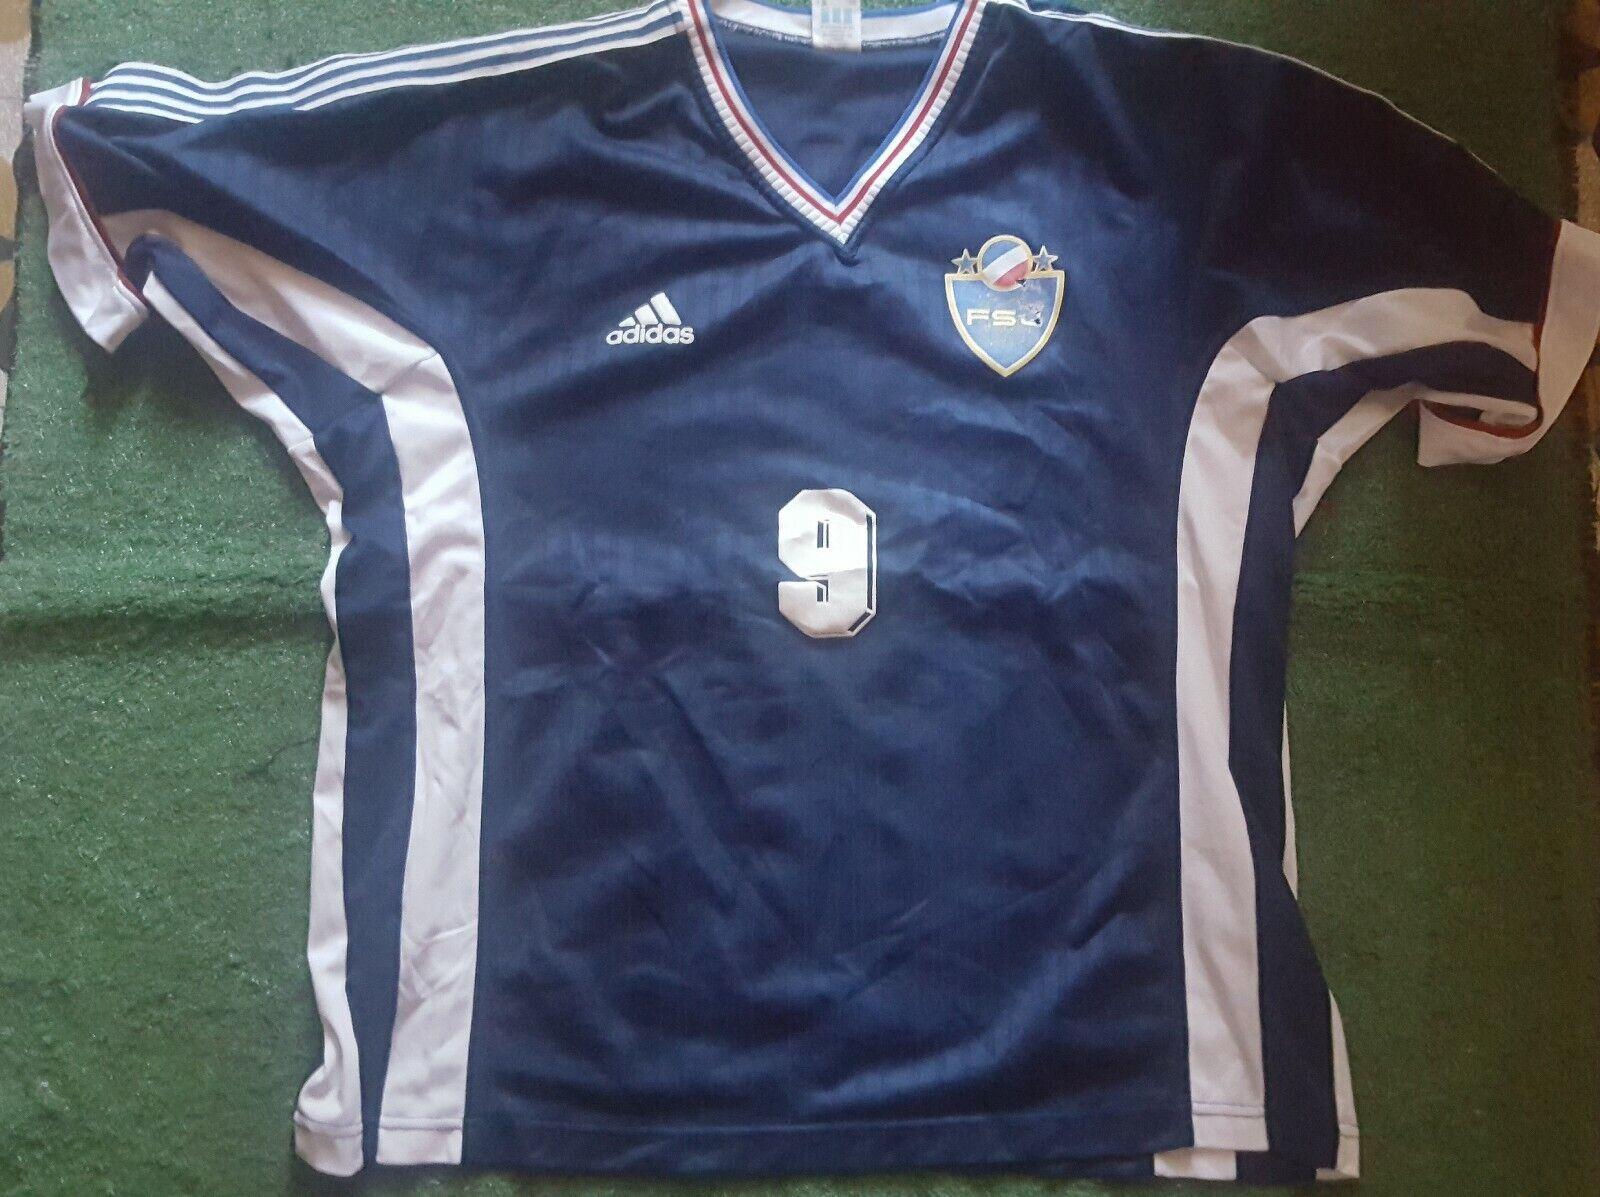 JUGOSLAVIA FSJ 19982000 Mijatovic TRIKOT SHIRT FOOTBALL VINTAGE adidas maglia